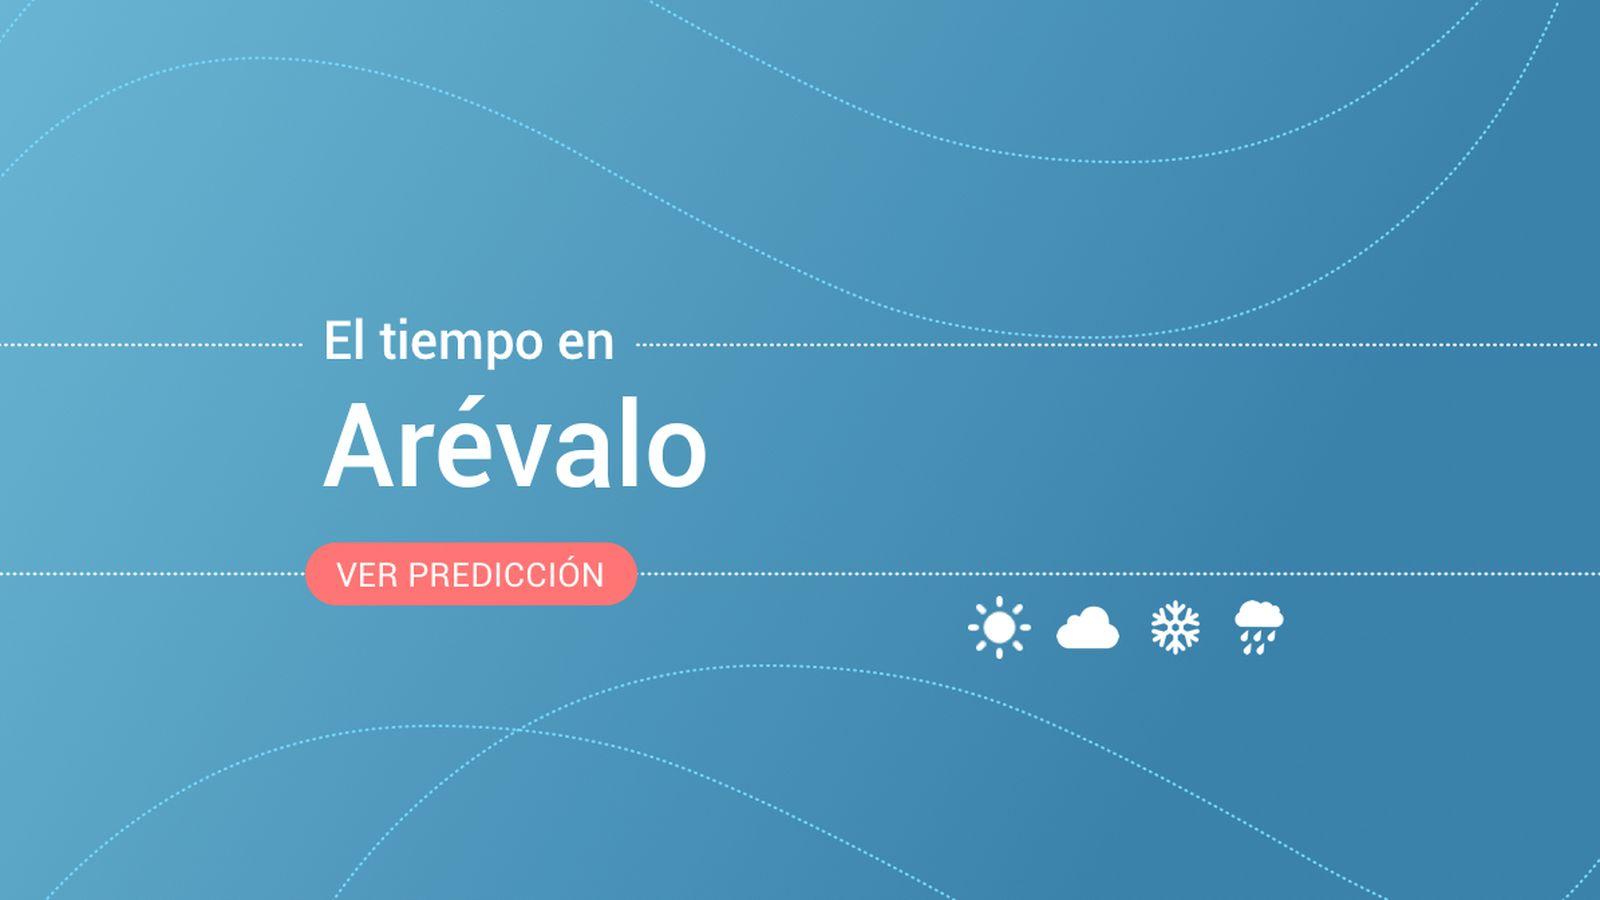 Foto: El tiempo en Arévalo. (EC)